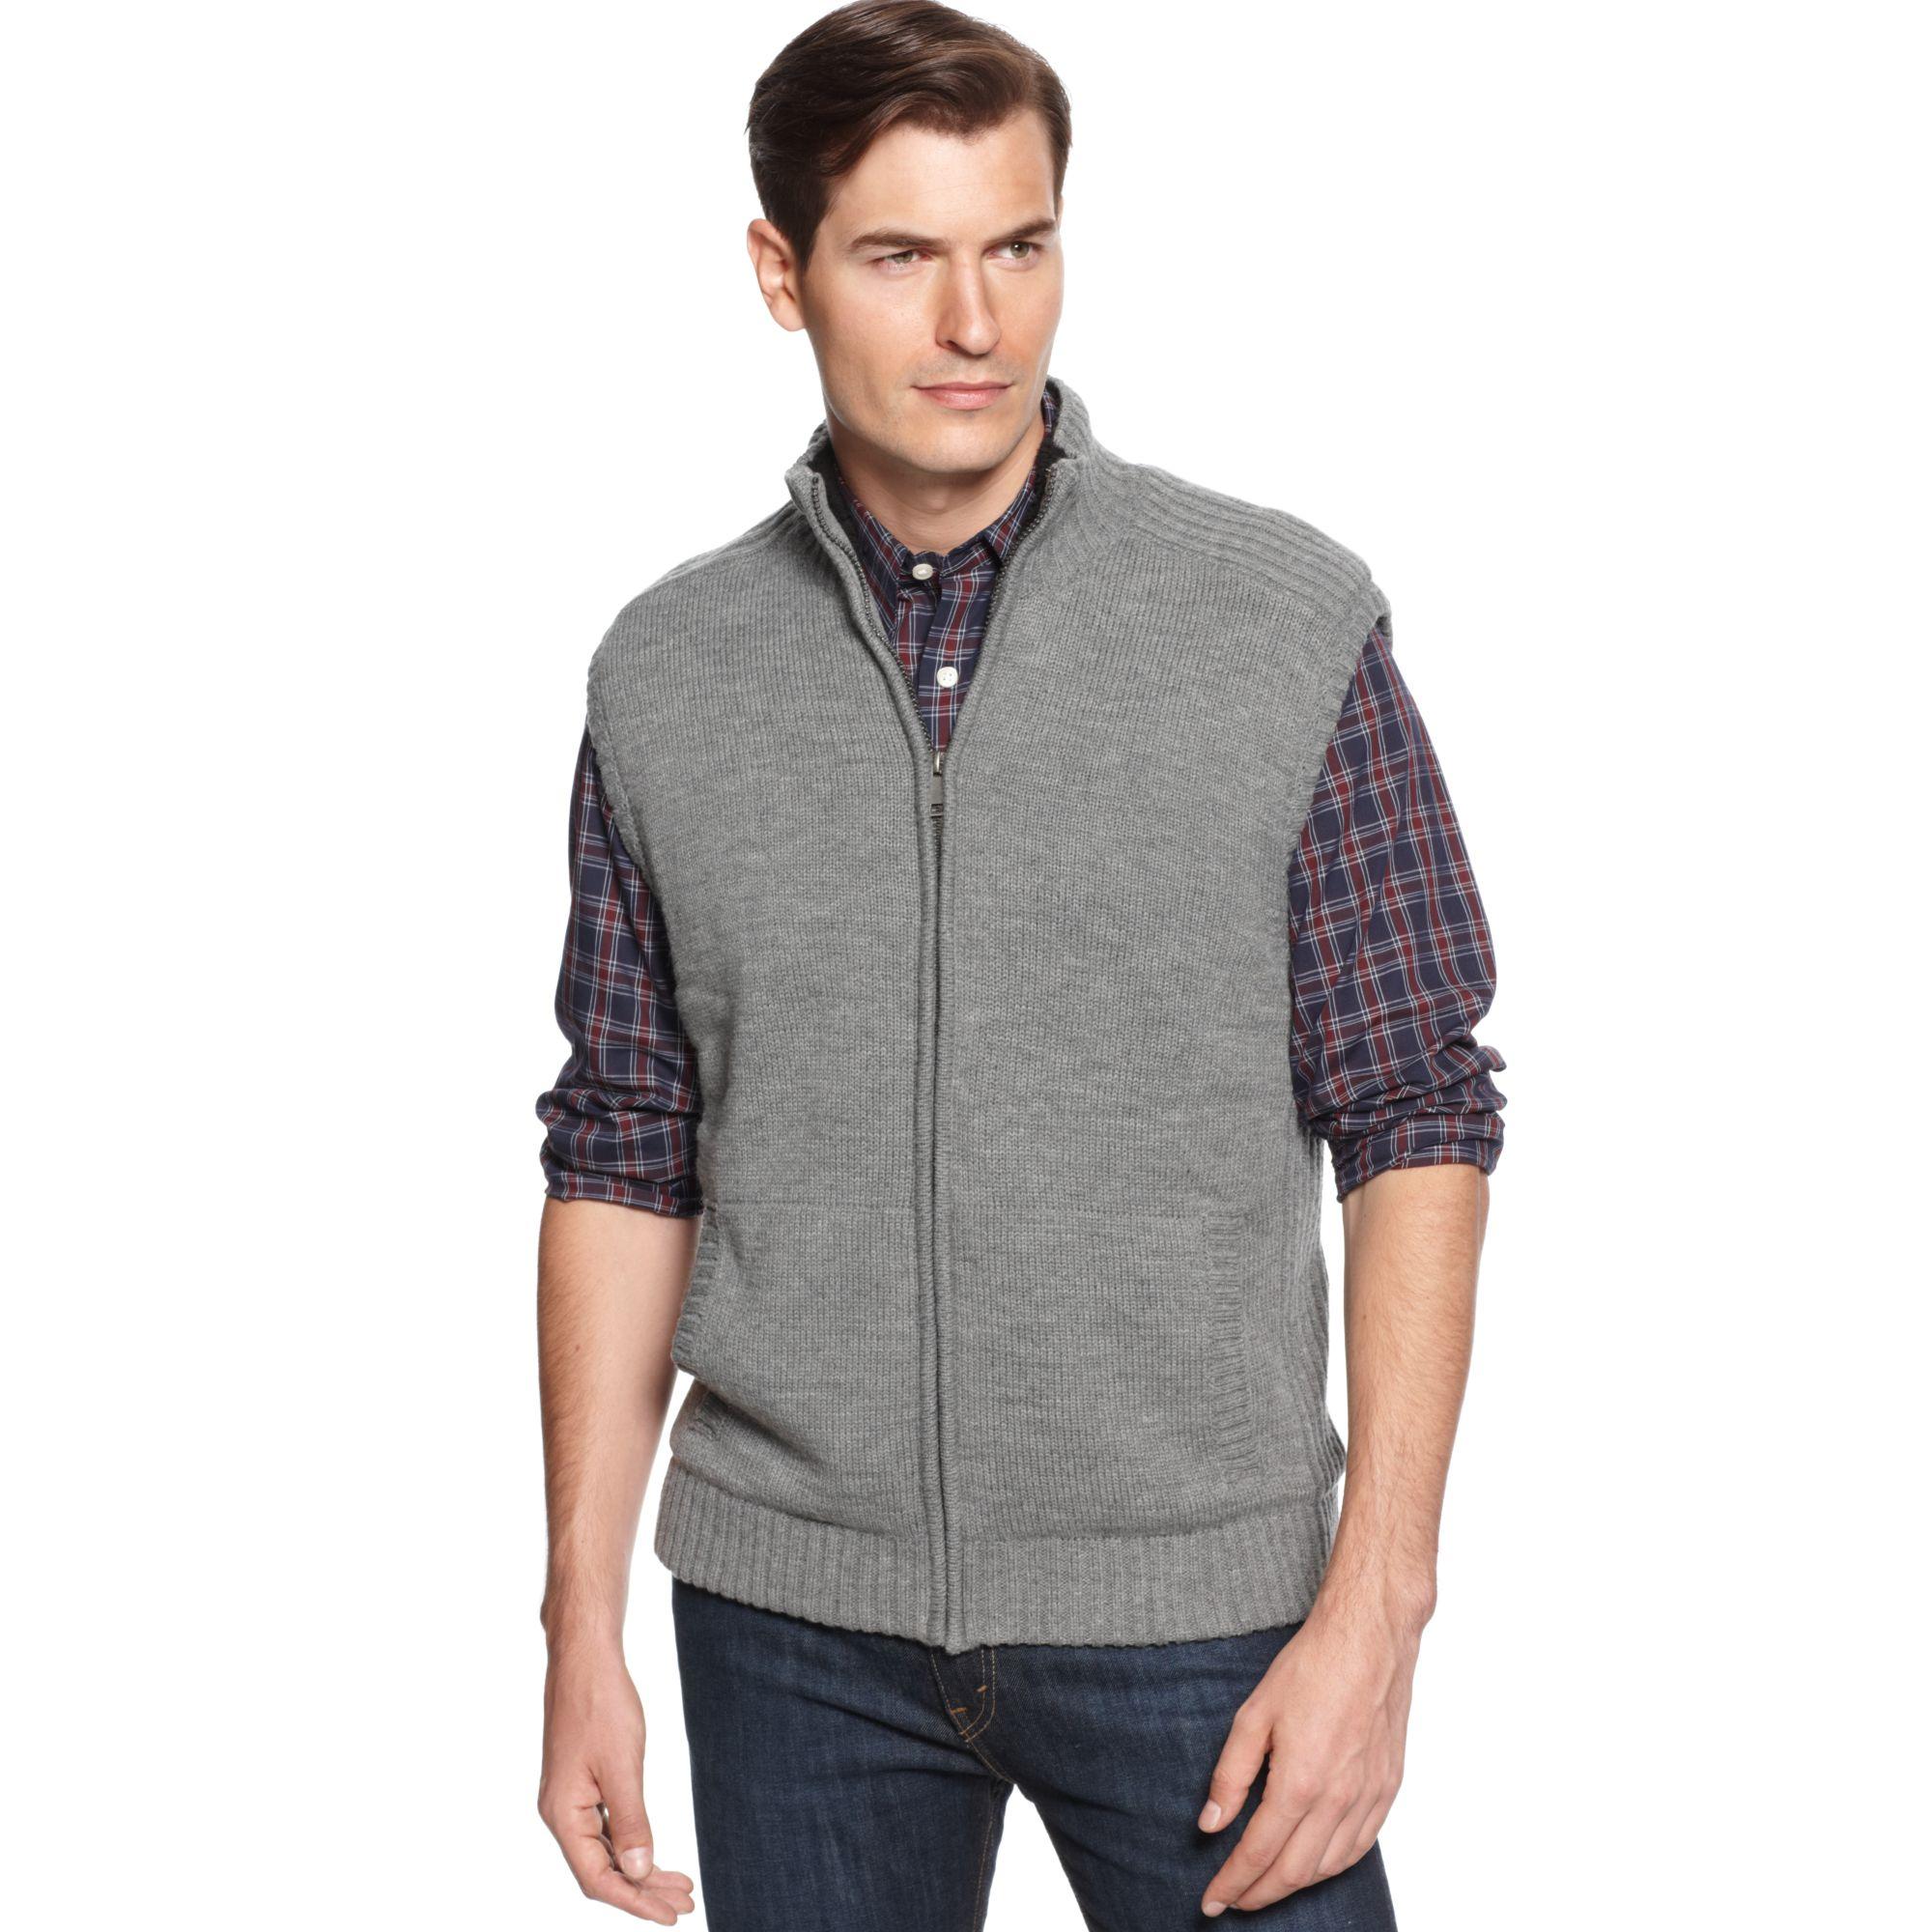 Oscar de la renta Zipfront Mock Neck Microsherpalined Sweater Vest ...